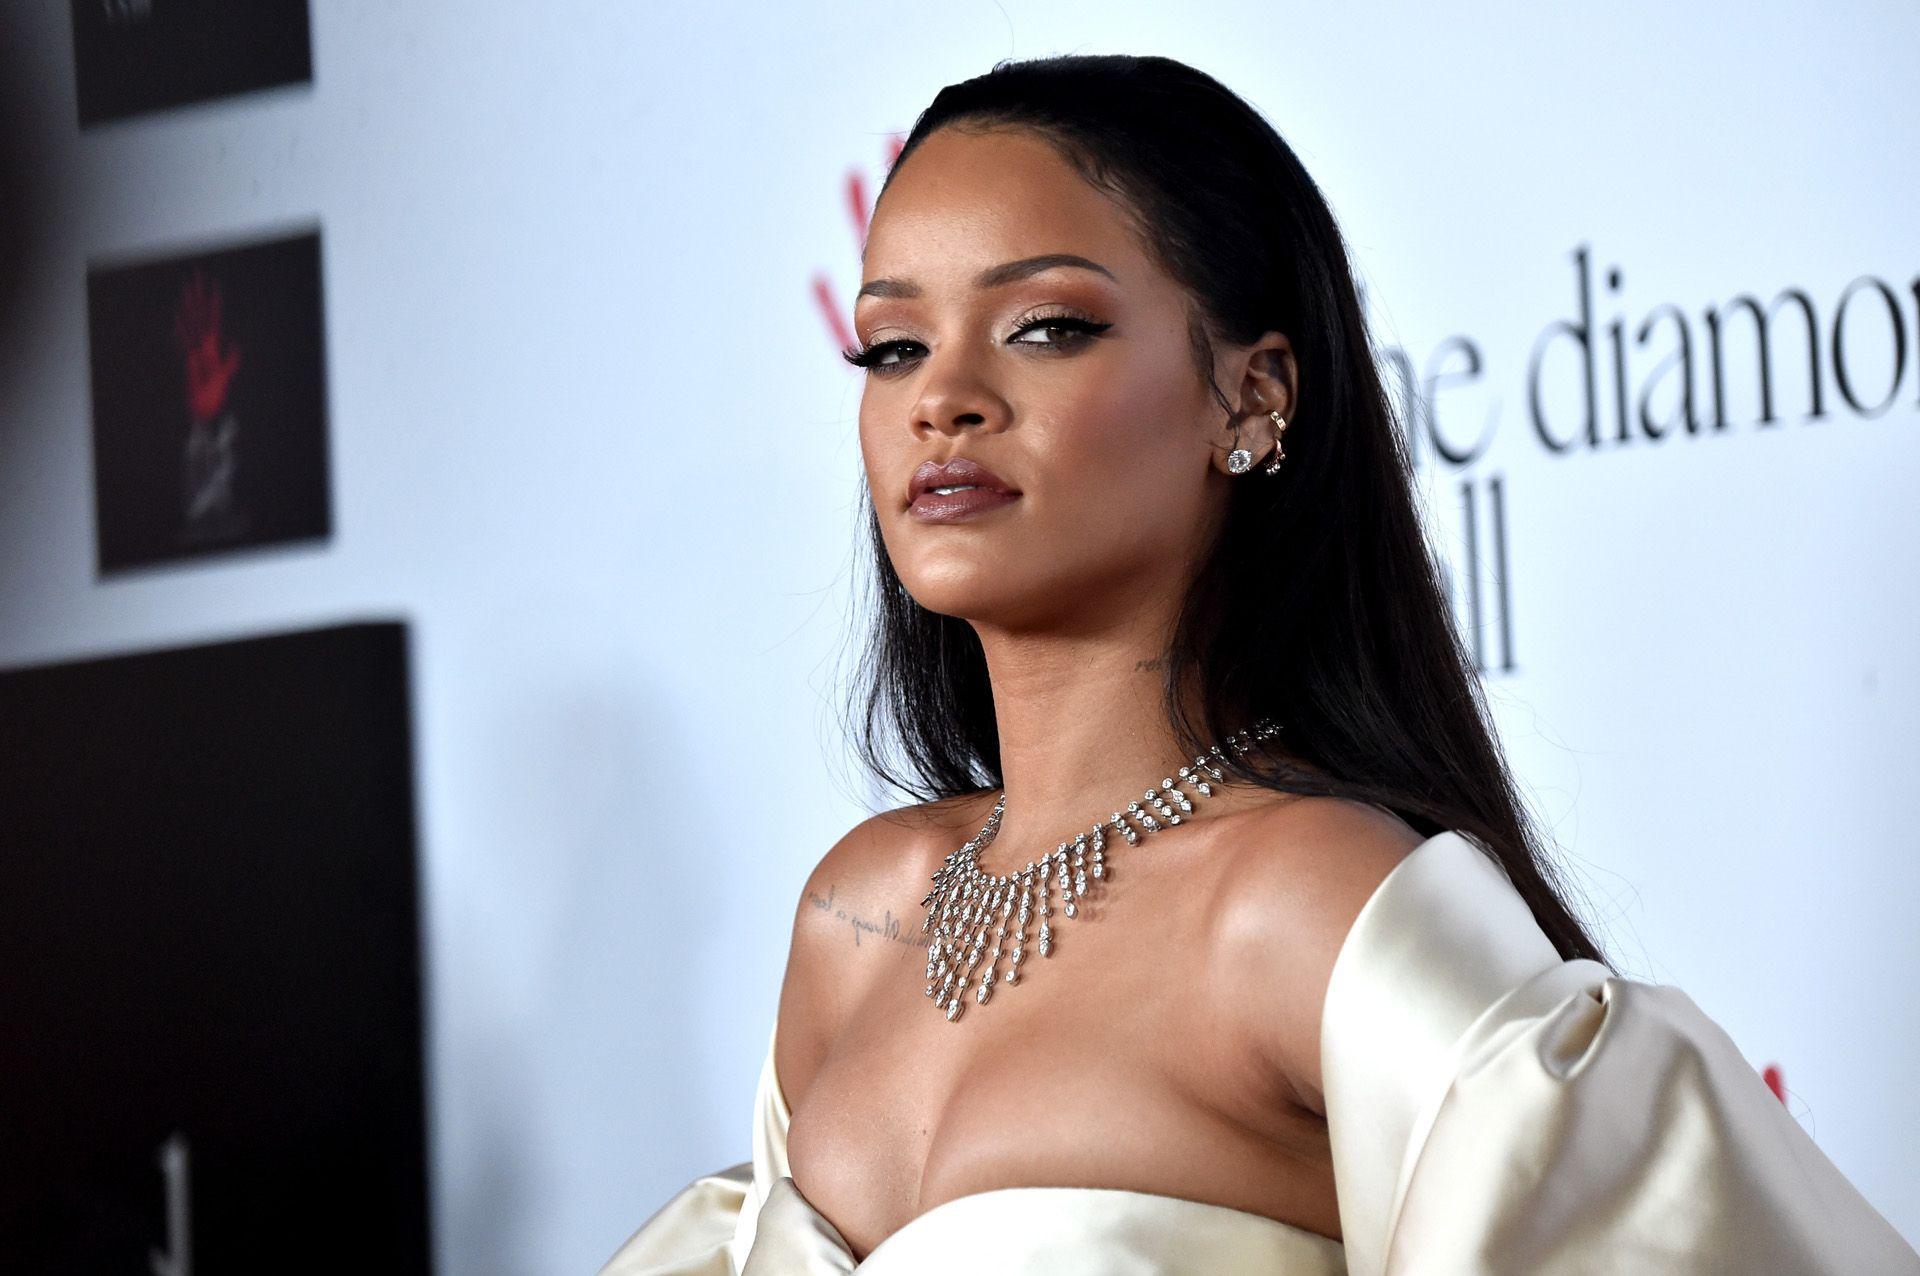 Tutti i look più belli di Rihanna